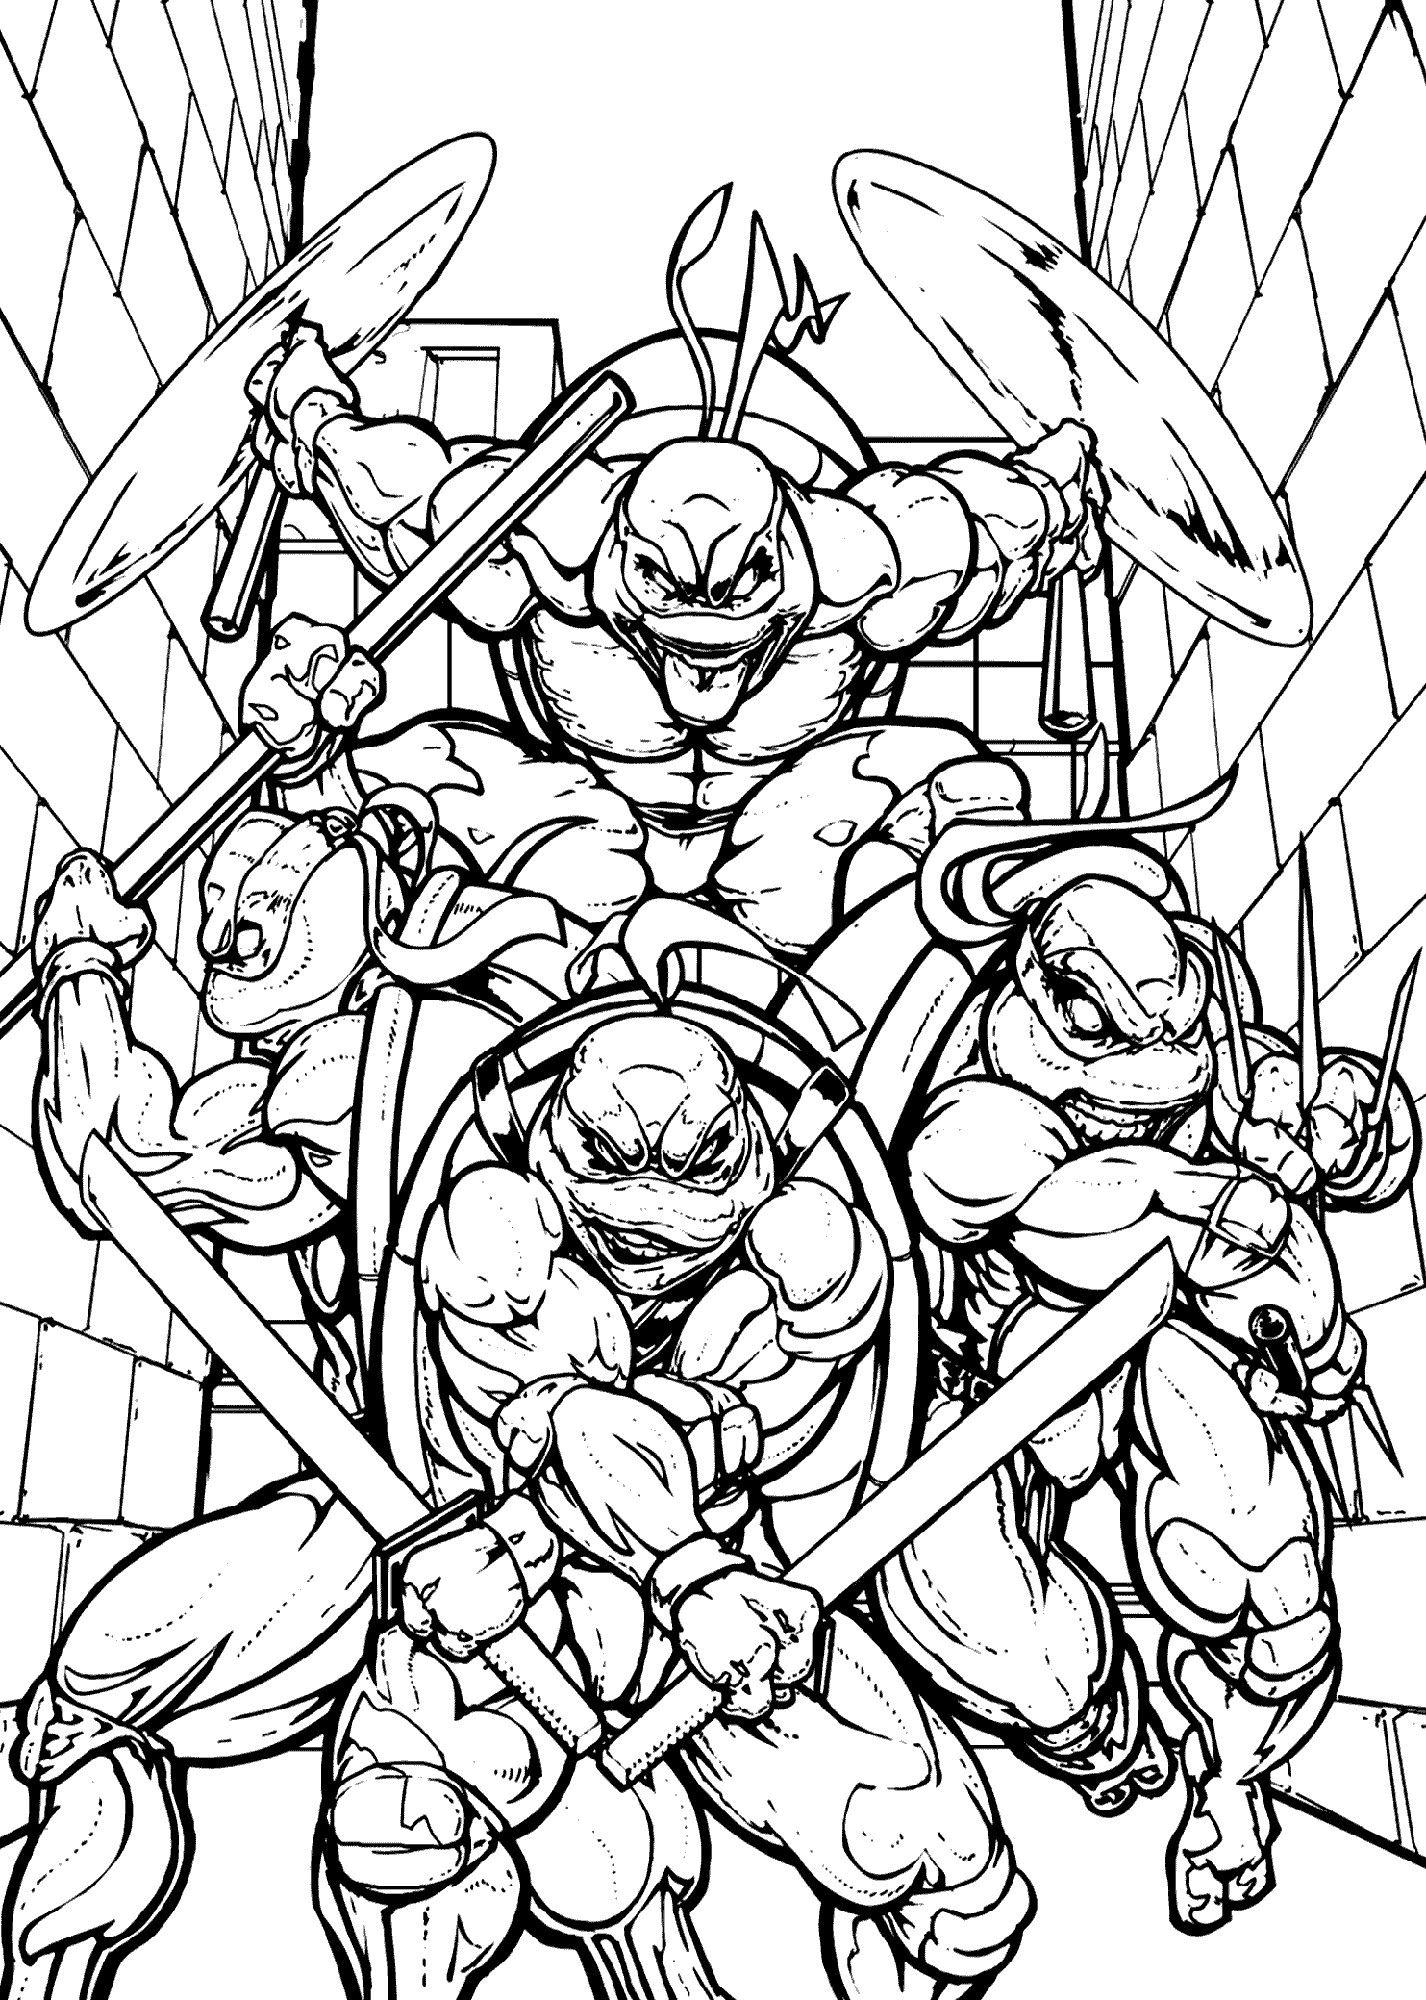 Teenage Mutant Ninja Turtle Coloring Page Youngandtae Com In 2020 Ninja Turtle Coloring Pages Turtle Coloring Pages Ninja Turtles